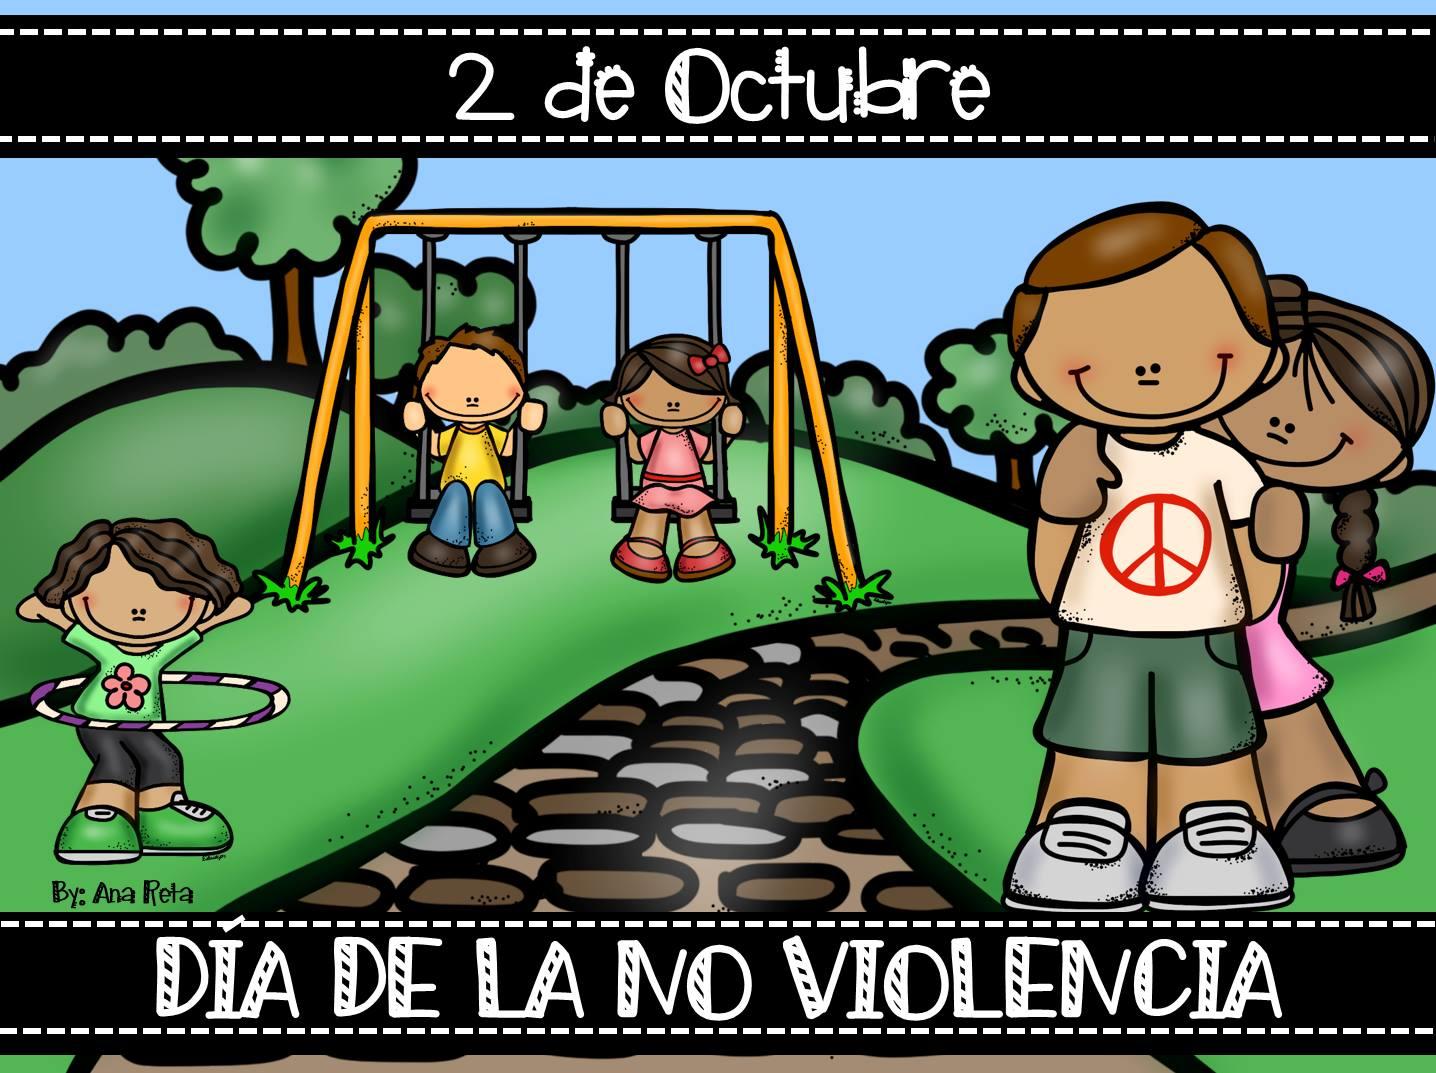 paz, no violencia, corazon, gif, efemérides, 2 de octubre,